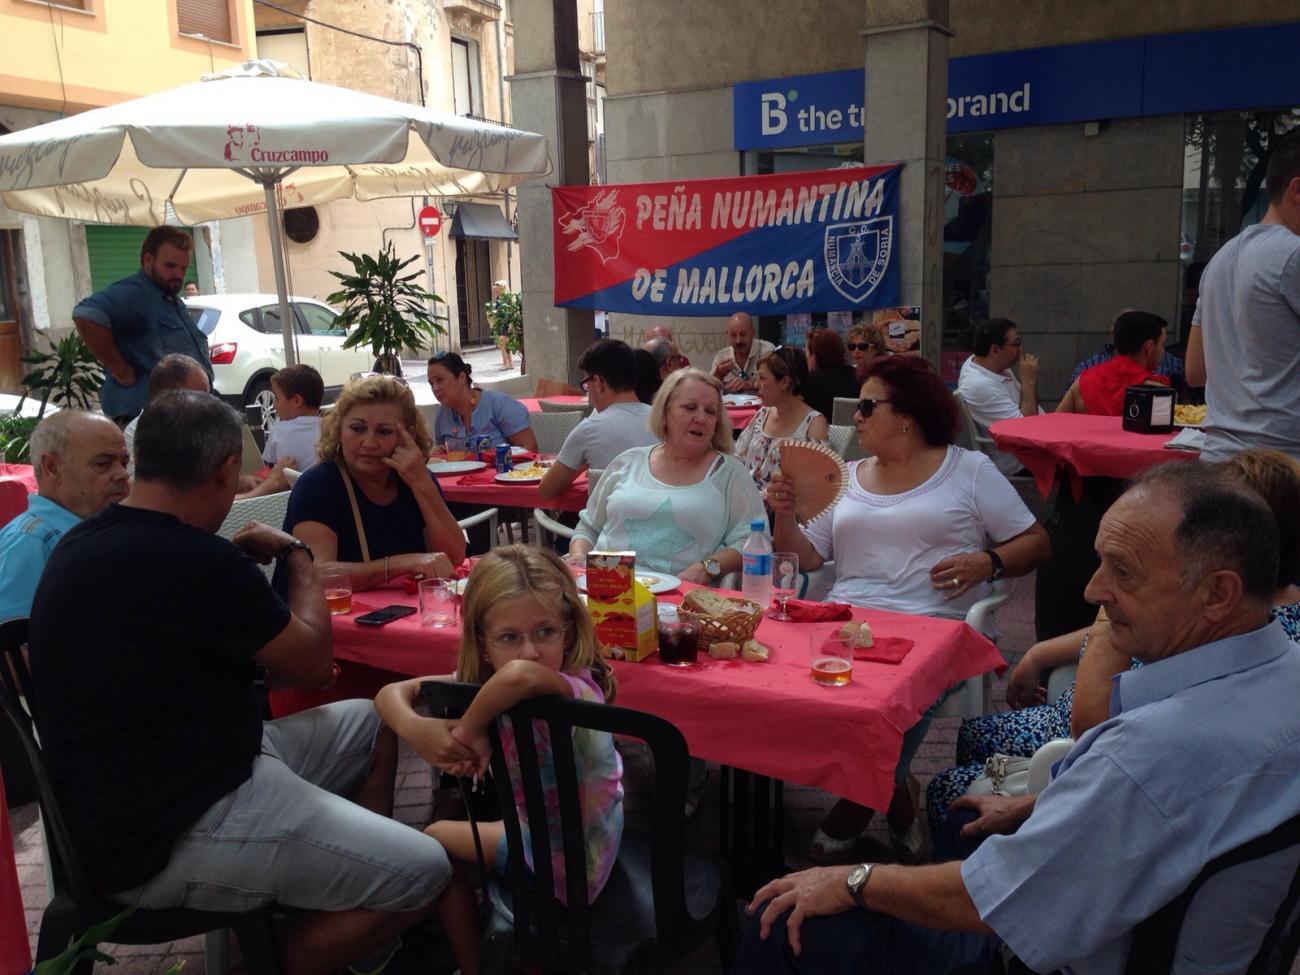 El Torrezno de Soria llega a Mallorca de la mano de la Peña Numantina